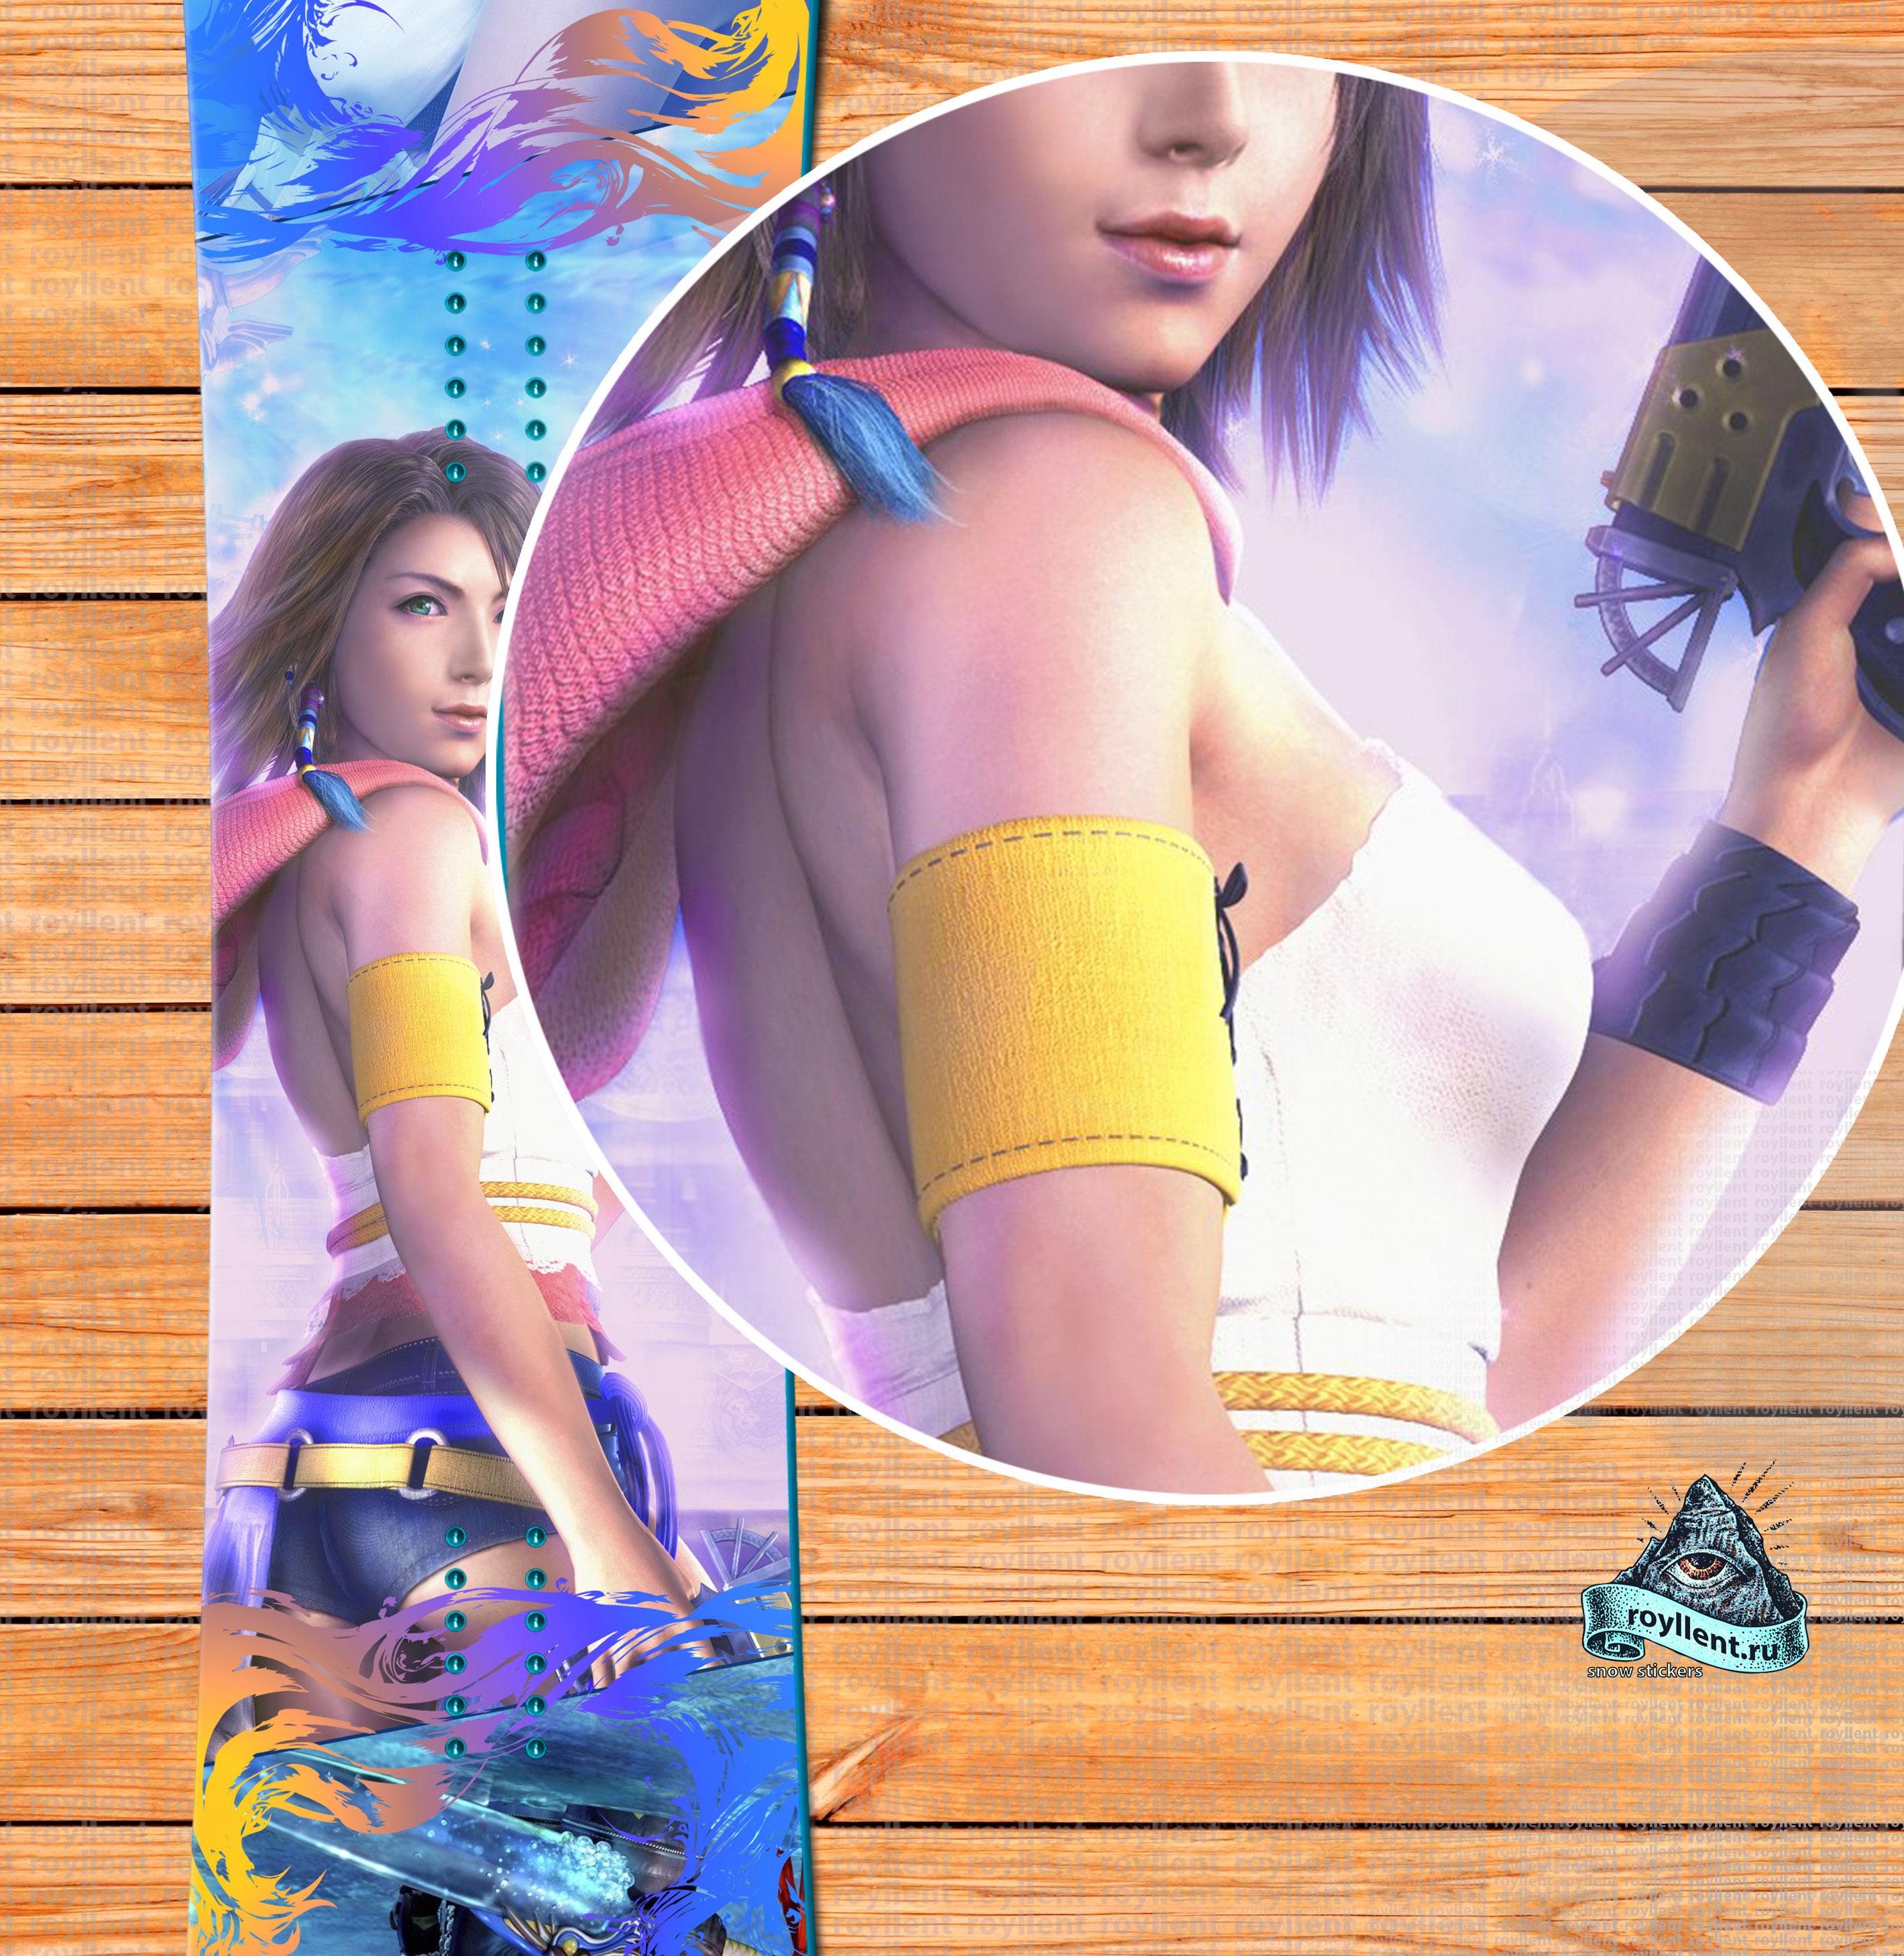 Сноуборд наклейка в стиле Компьютерной игры Финальная Фантазия, Royllent 2017 Anime Final Fantasy X Yuna